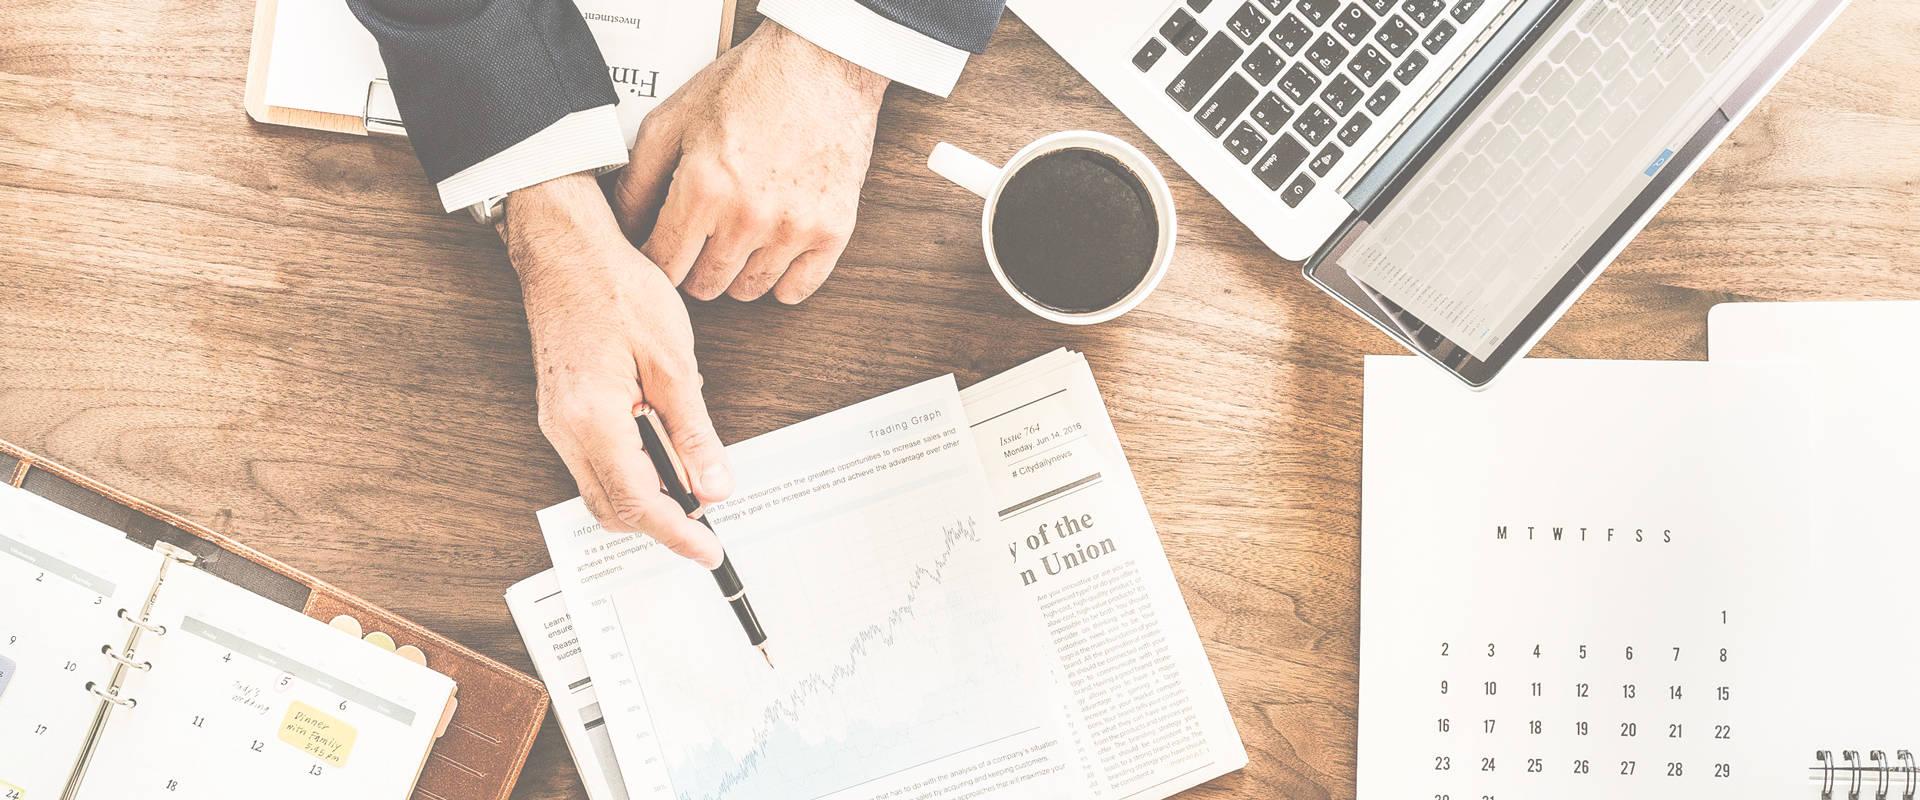 Poltax Toruń - biuro rachunkowe oferujące nowoczesne usługi rachunkowe